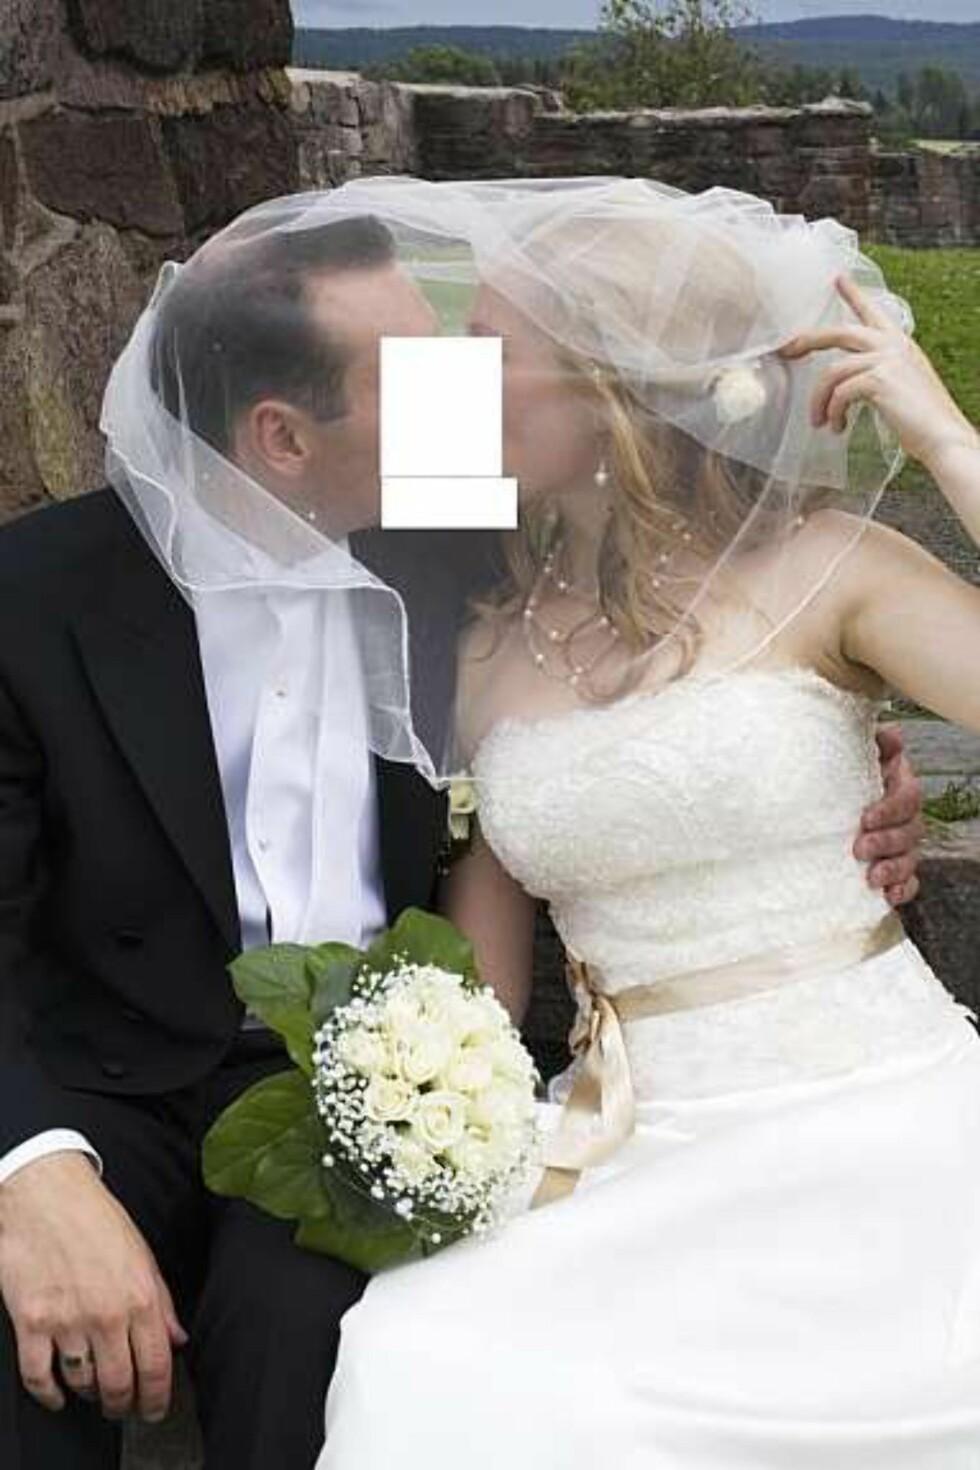 """""""Dette ble for grovt til å vises på Finn!"""" Kommentar fra Facebook. Og det måtte to firkanter til, før det usynlige kysset virkelig tok oppmerksomheten fra kjolen. Foto: Faksimile: Finn.no"""